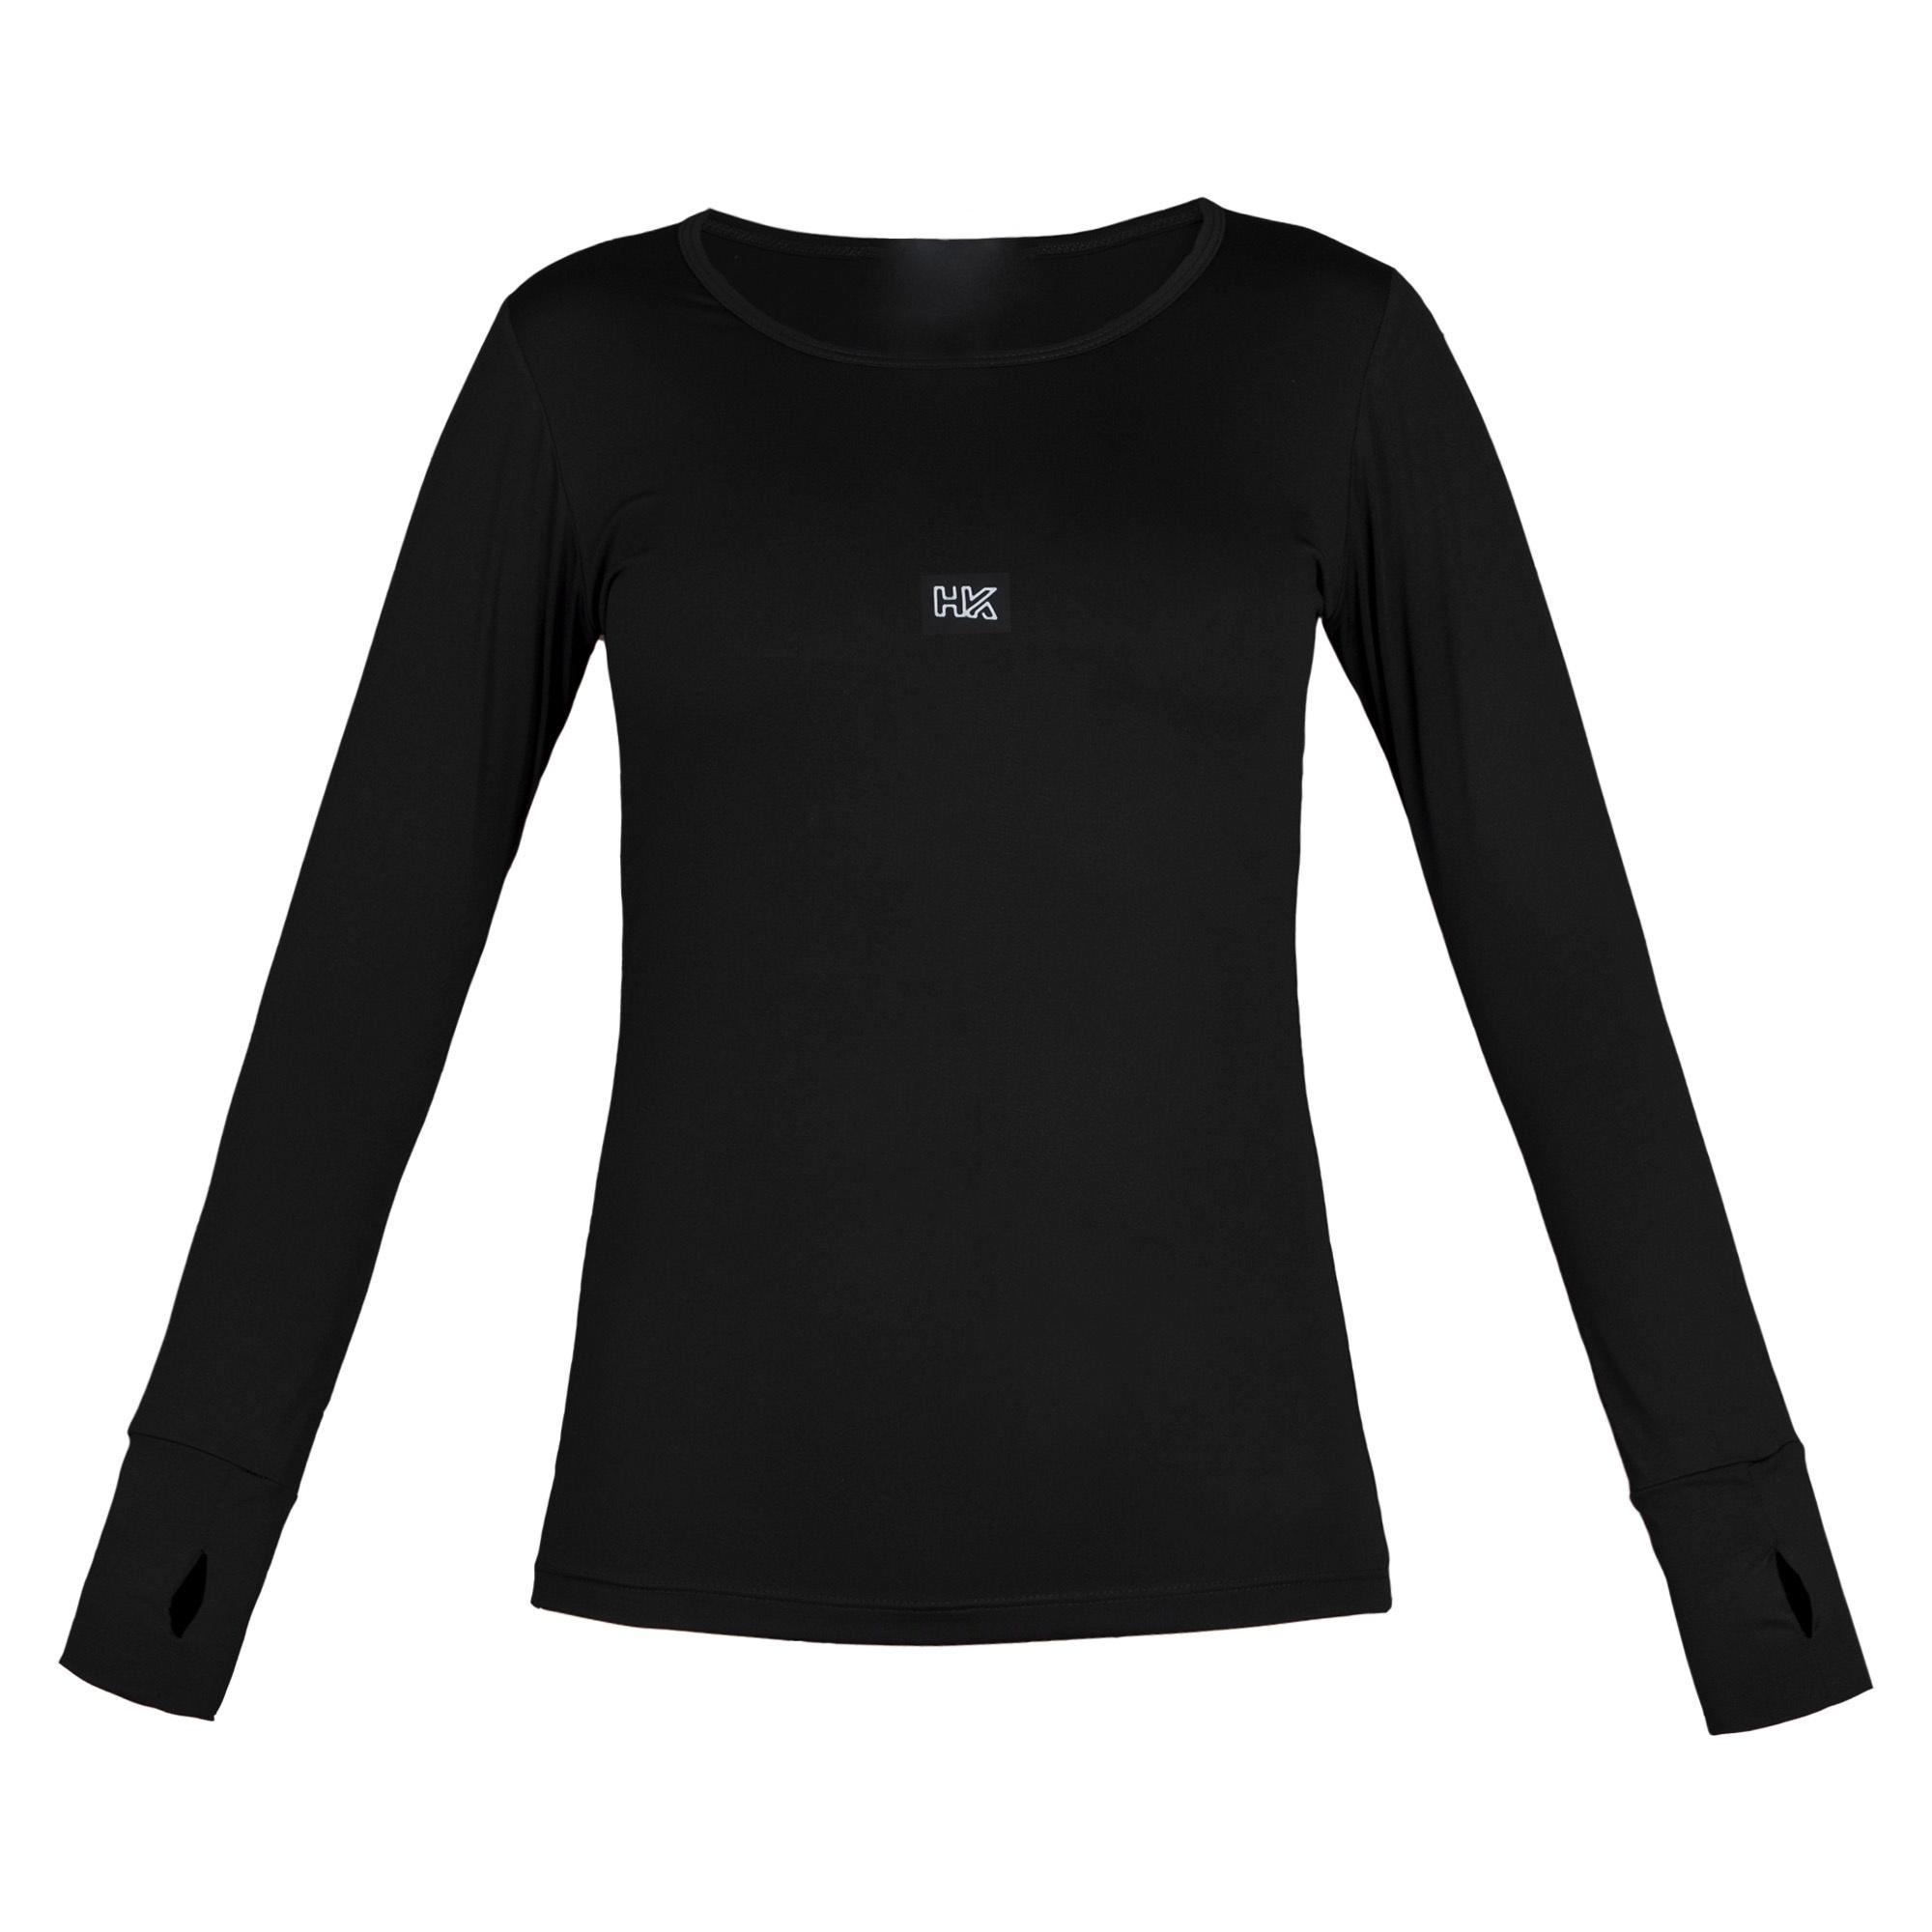 تیشرت ورزشی زنانه اچ کی کد 018-2379